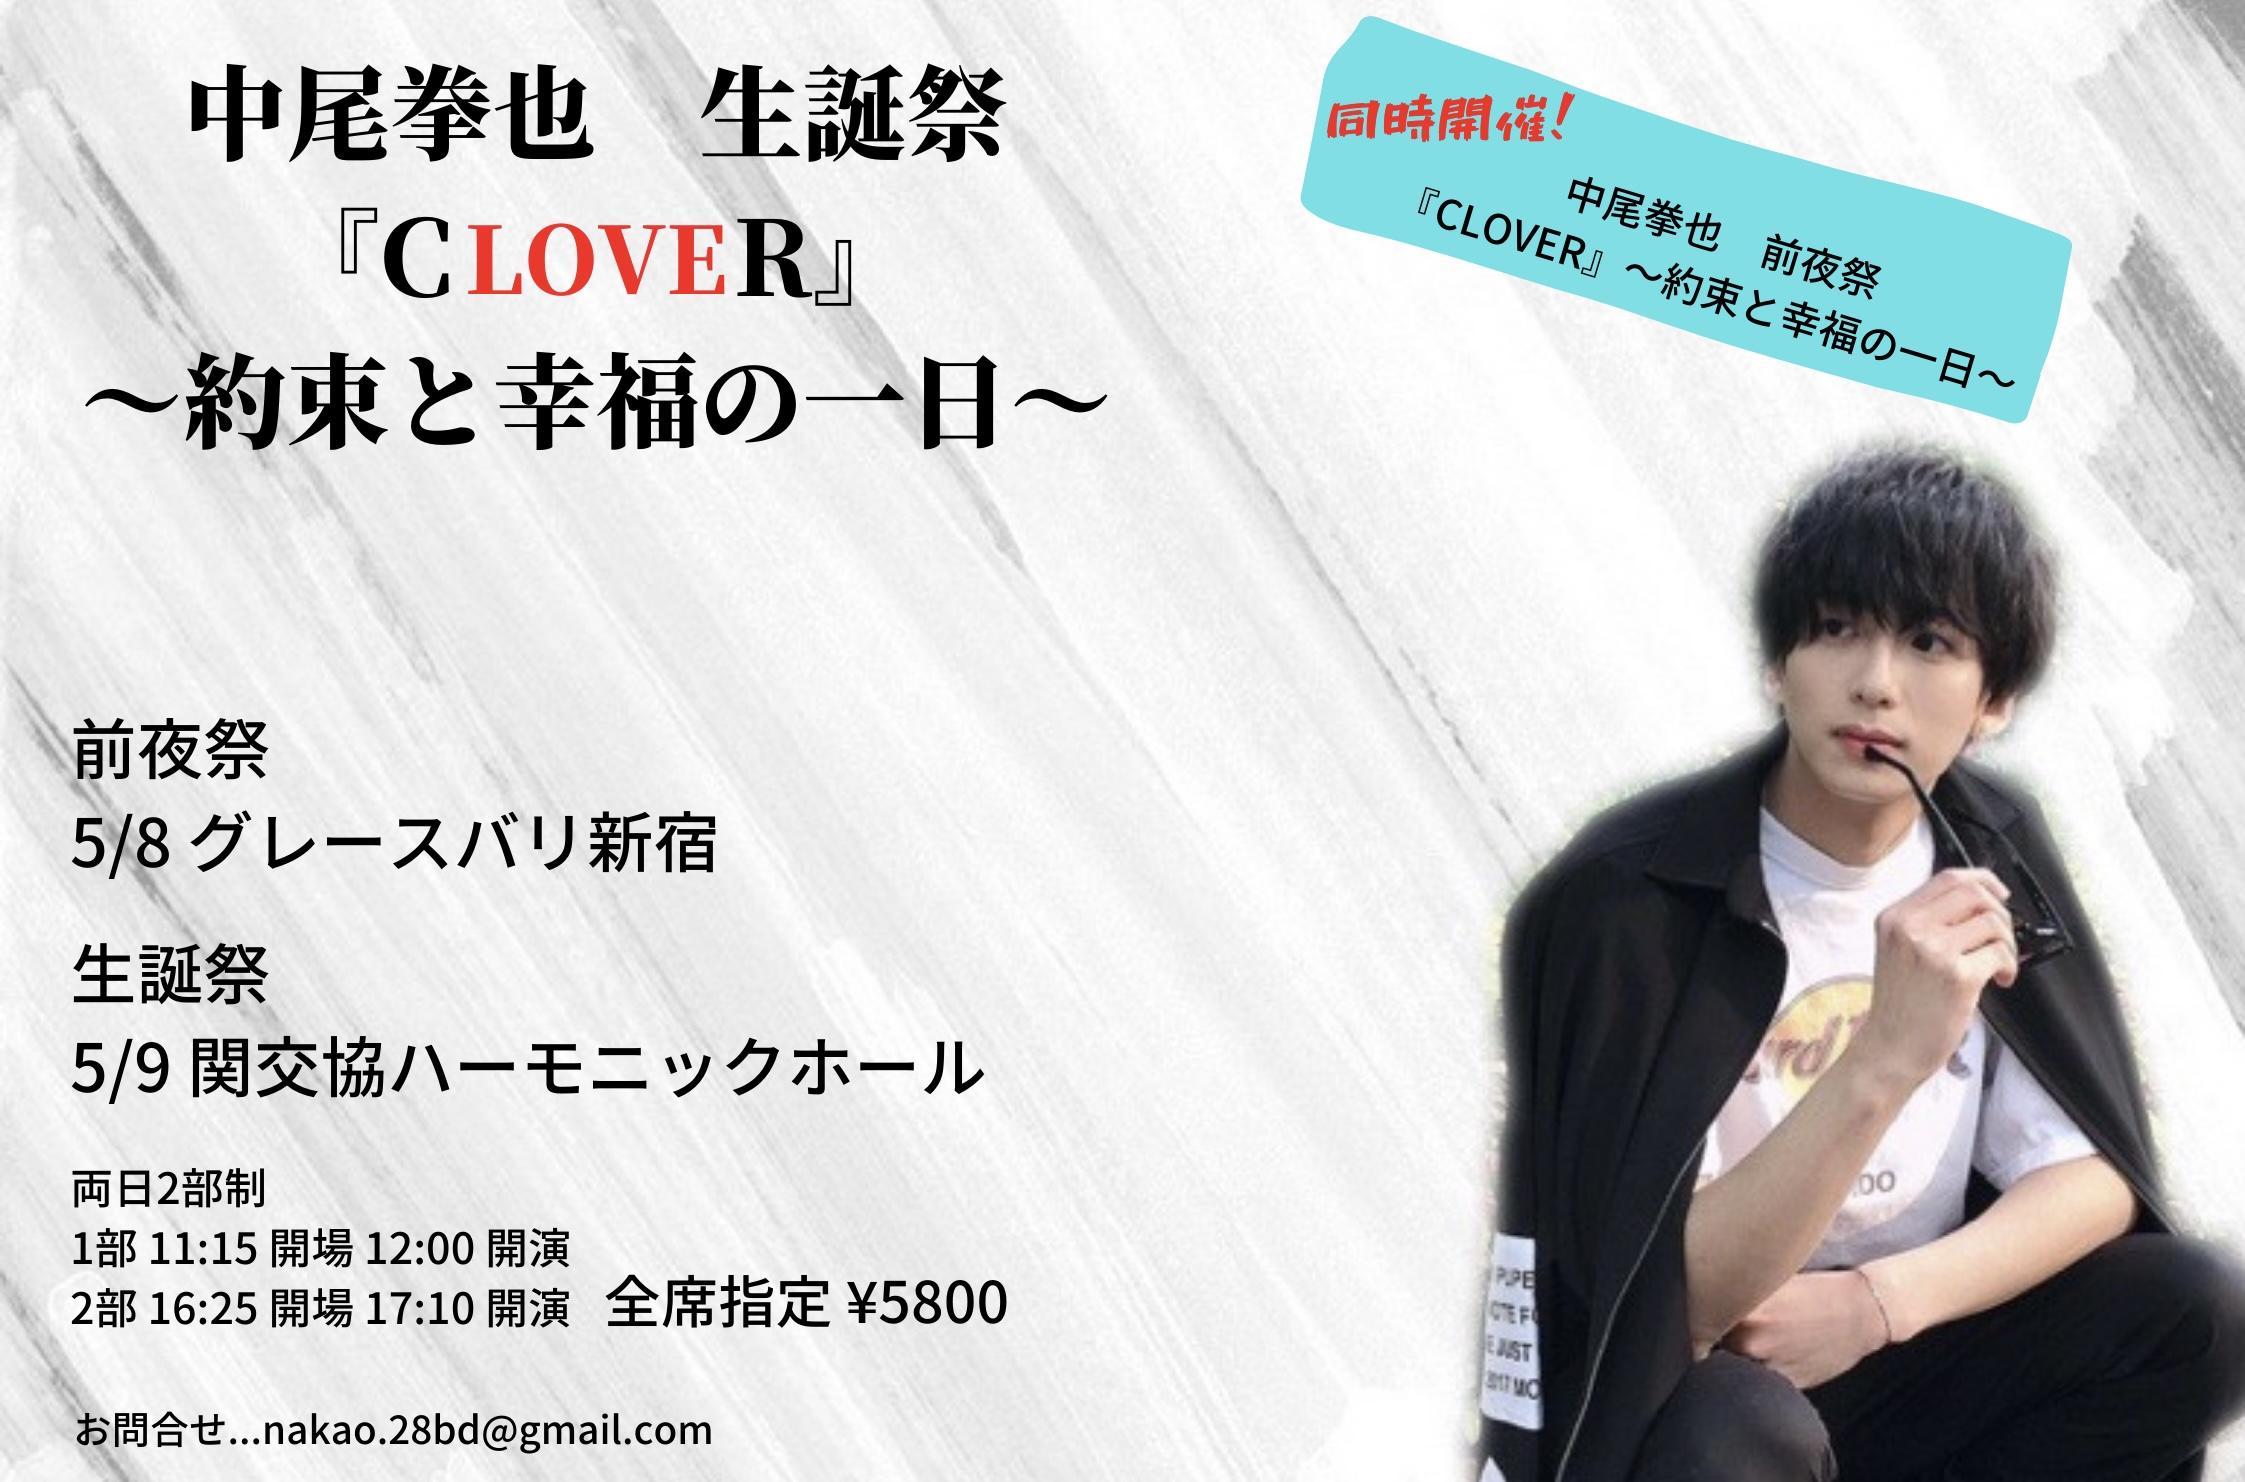 5/9  2部 中尾拳也 生誕祭『CLOVER』〜約束と幸福の一日〜